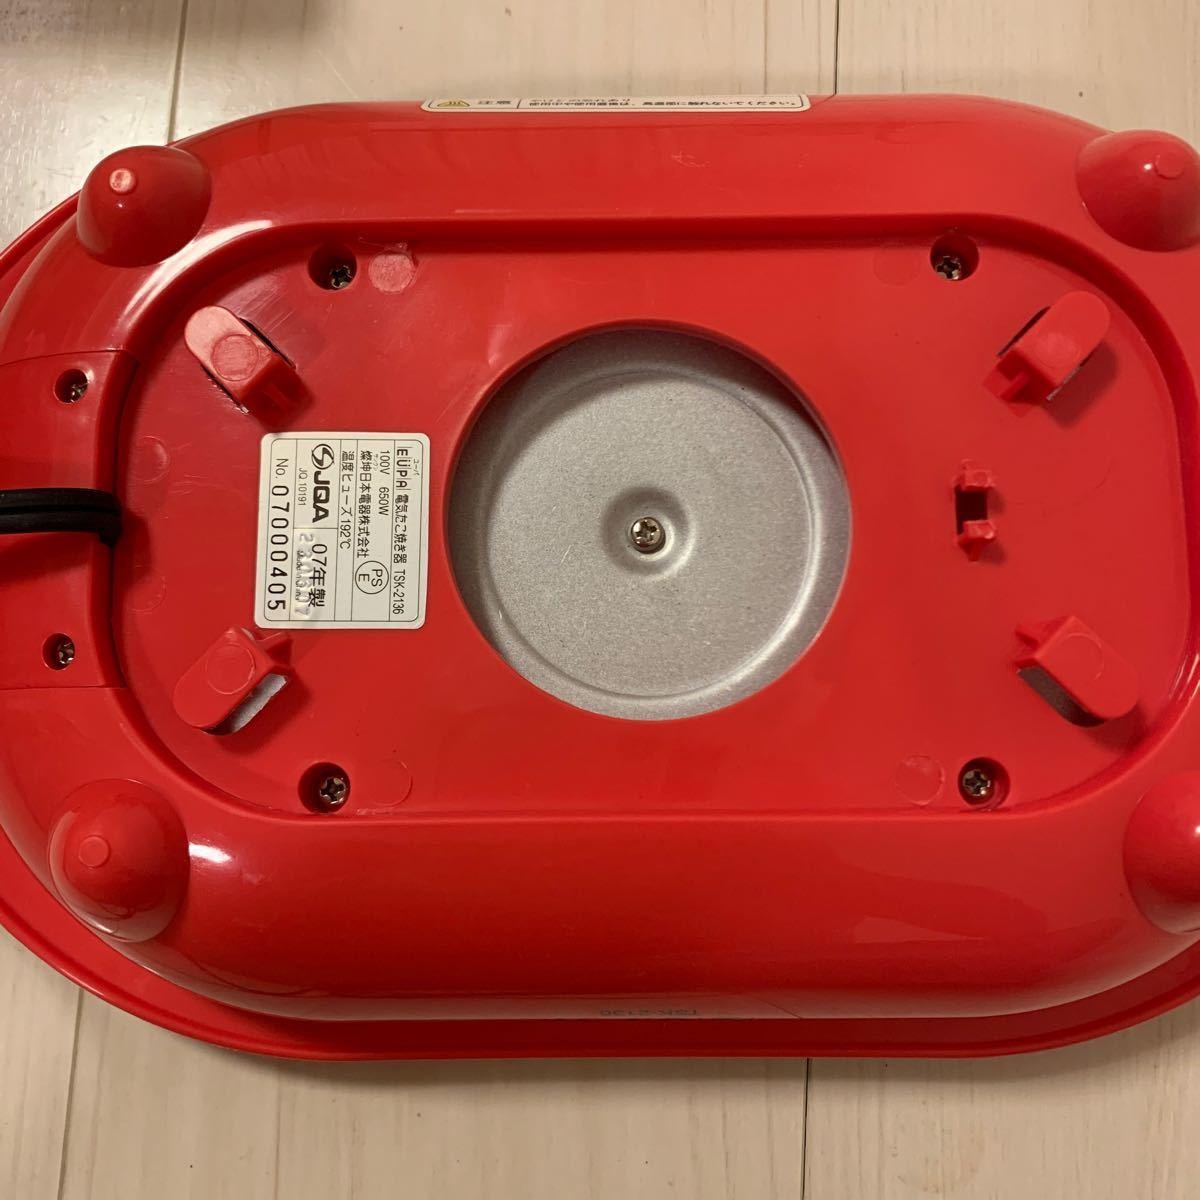 EUPA たこ焼き器 たこ焼きメーカー 送料込み